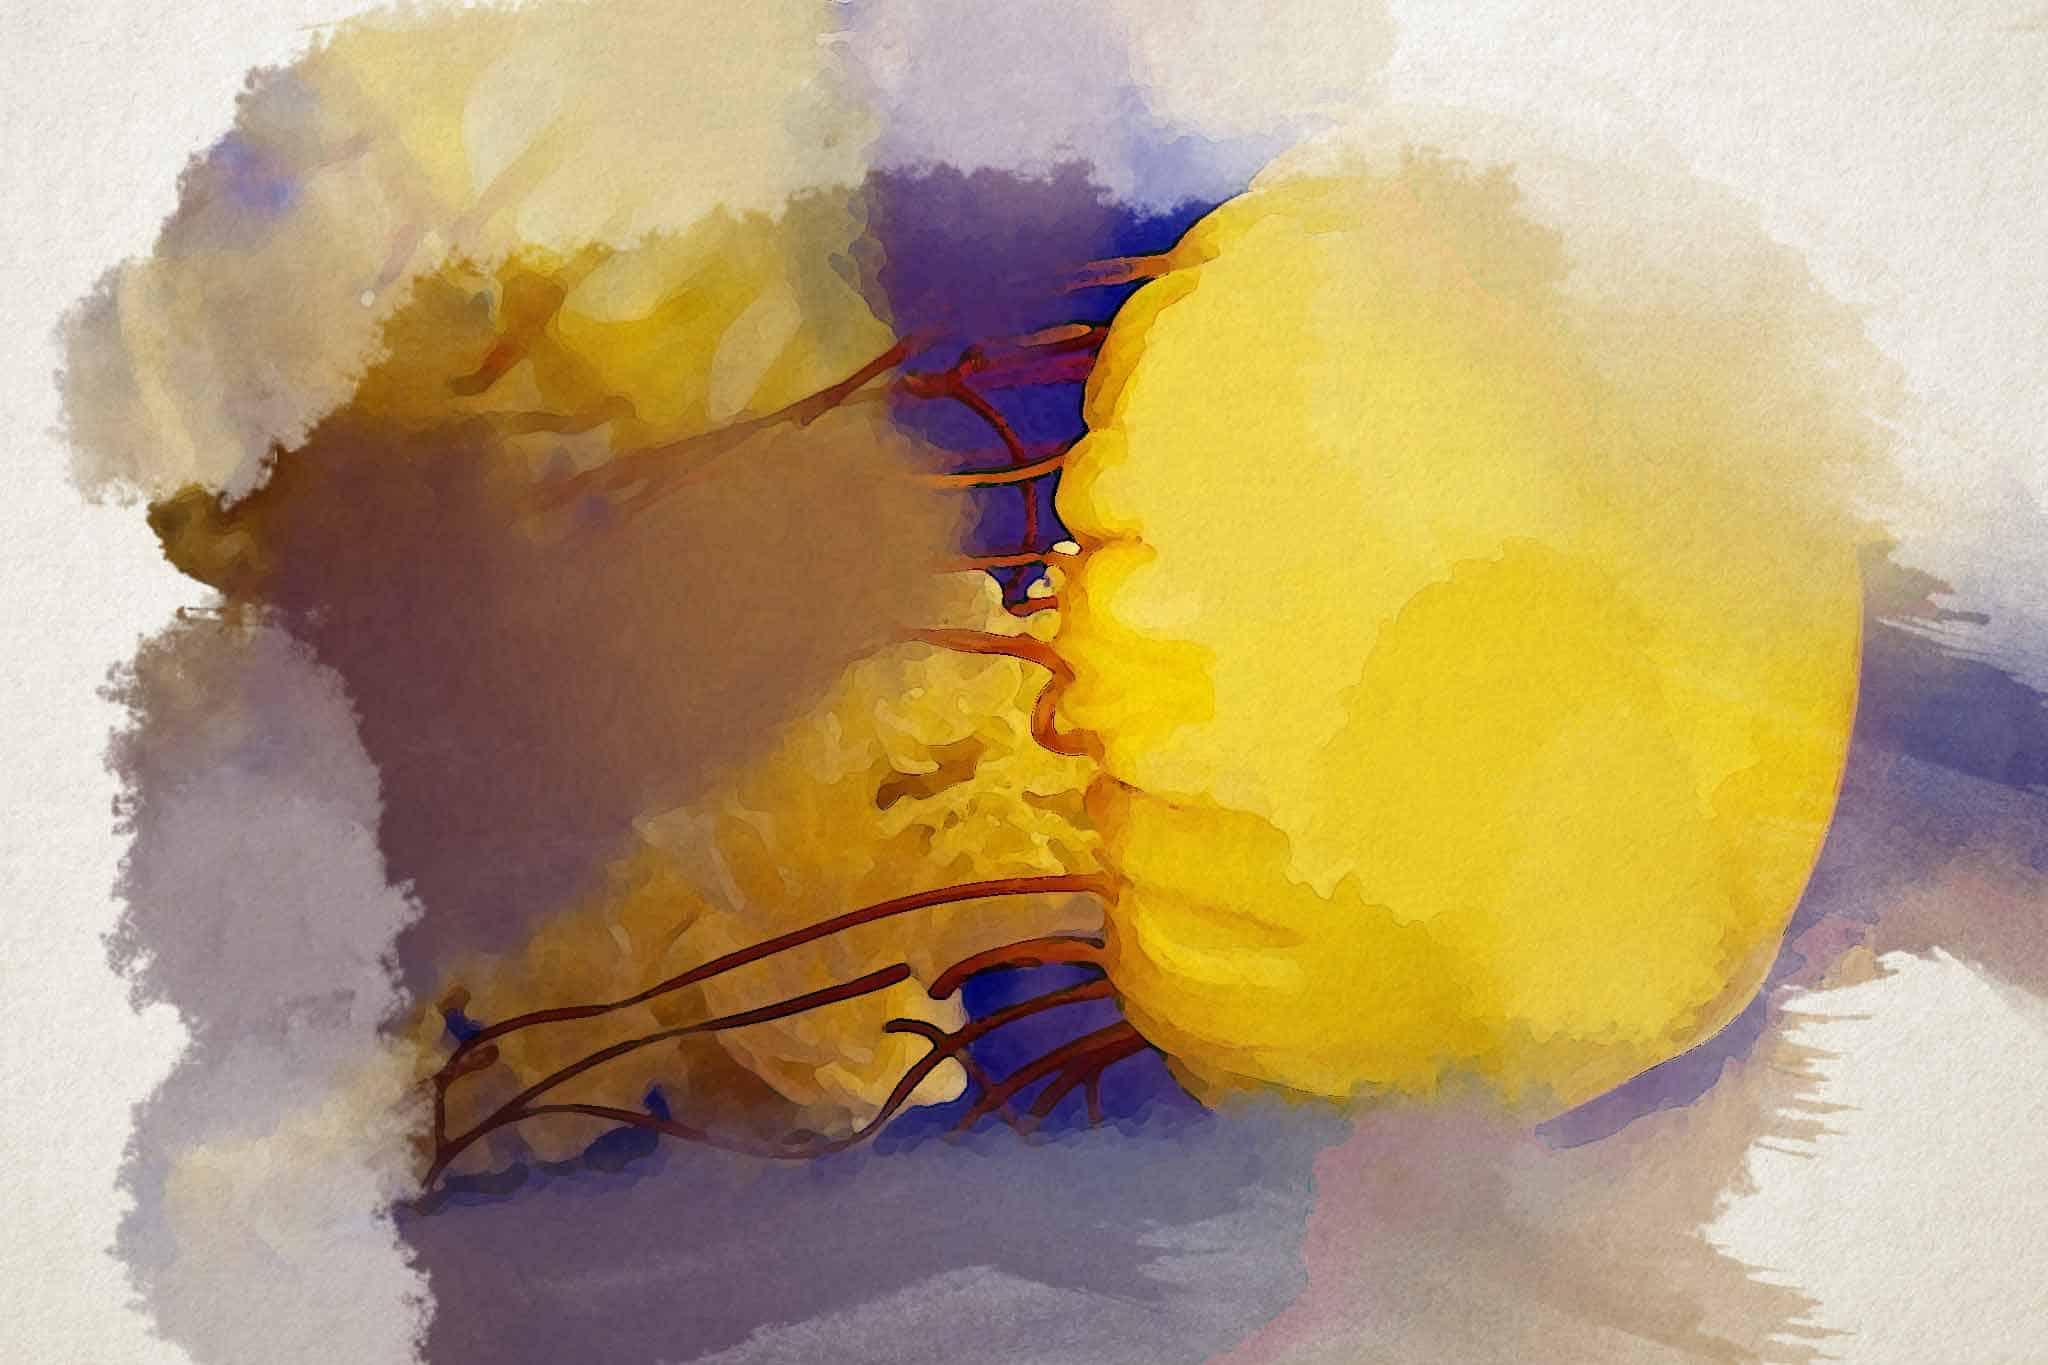 jellyfish yellow purple